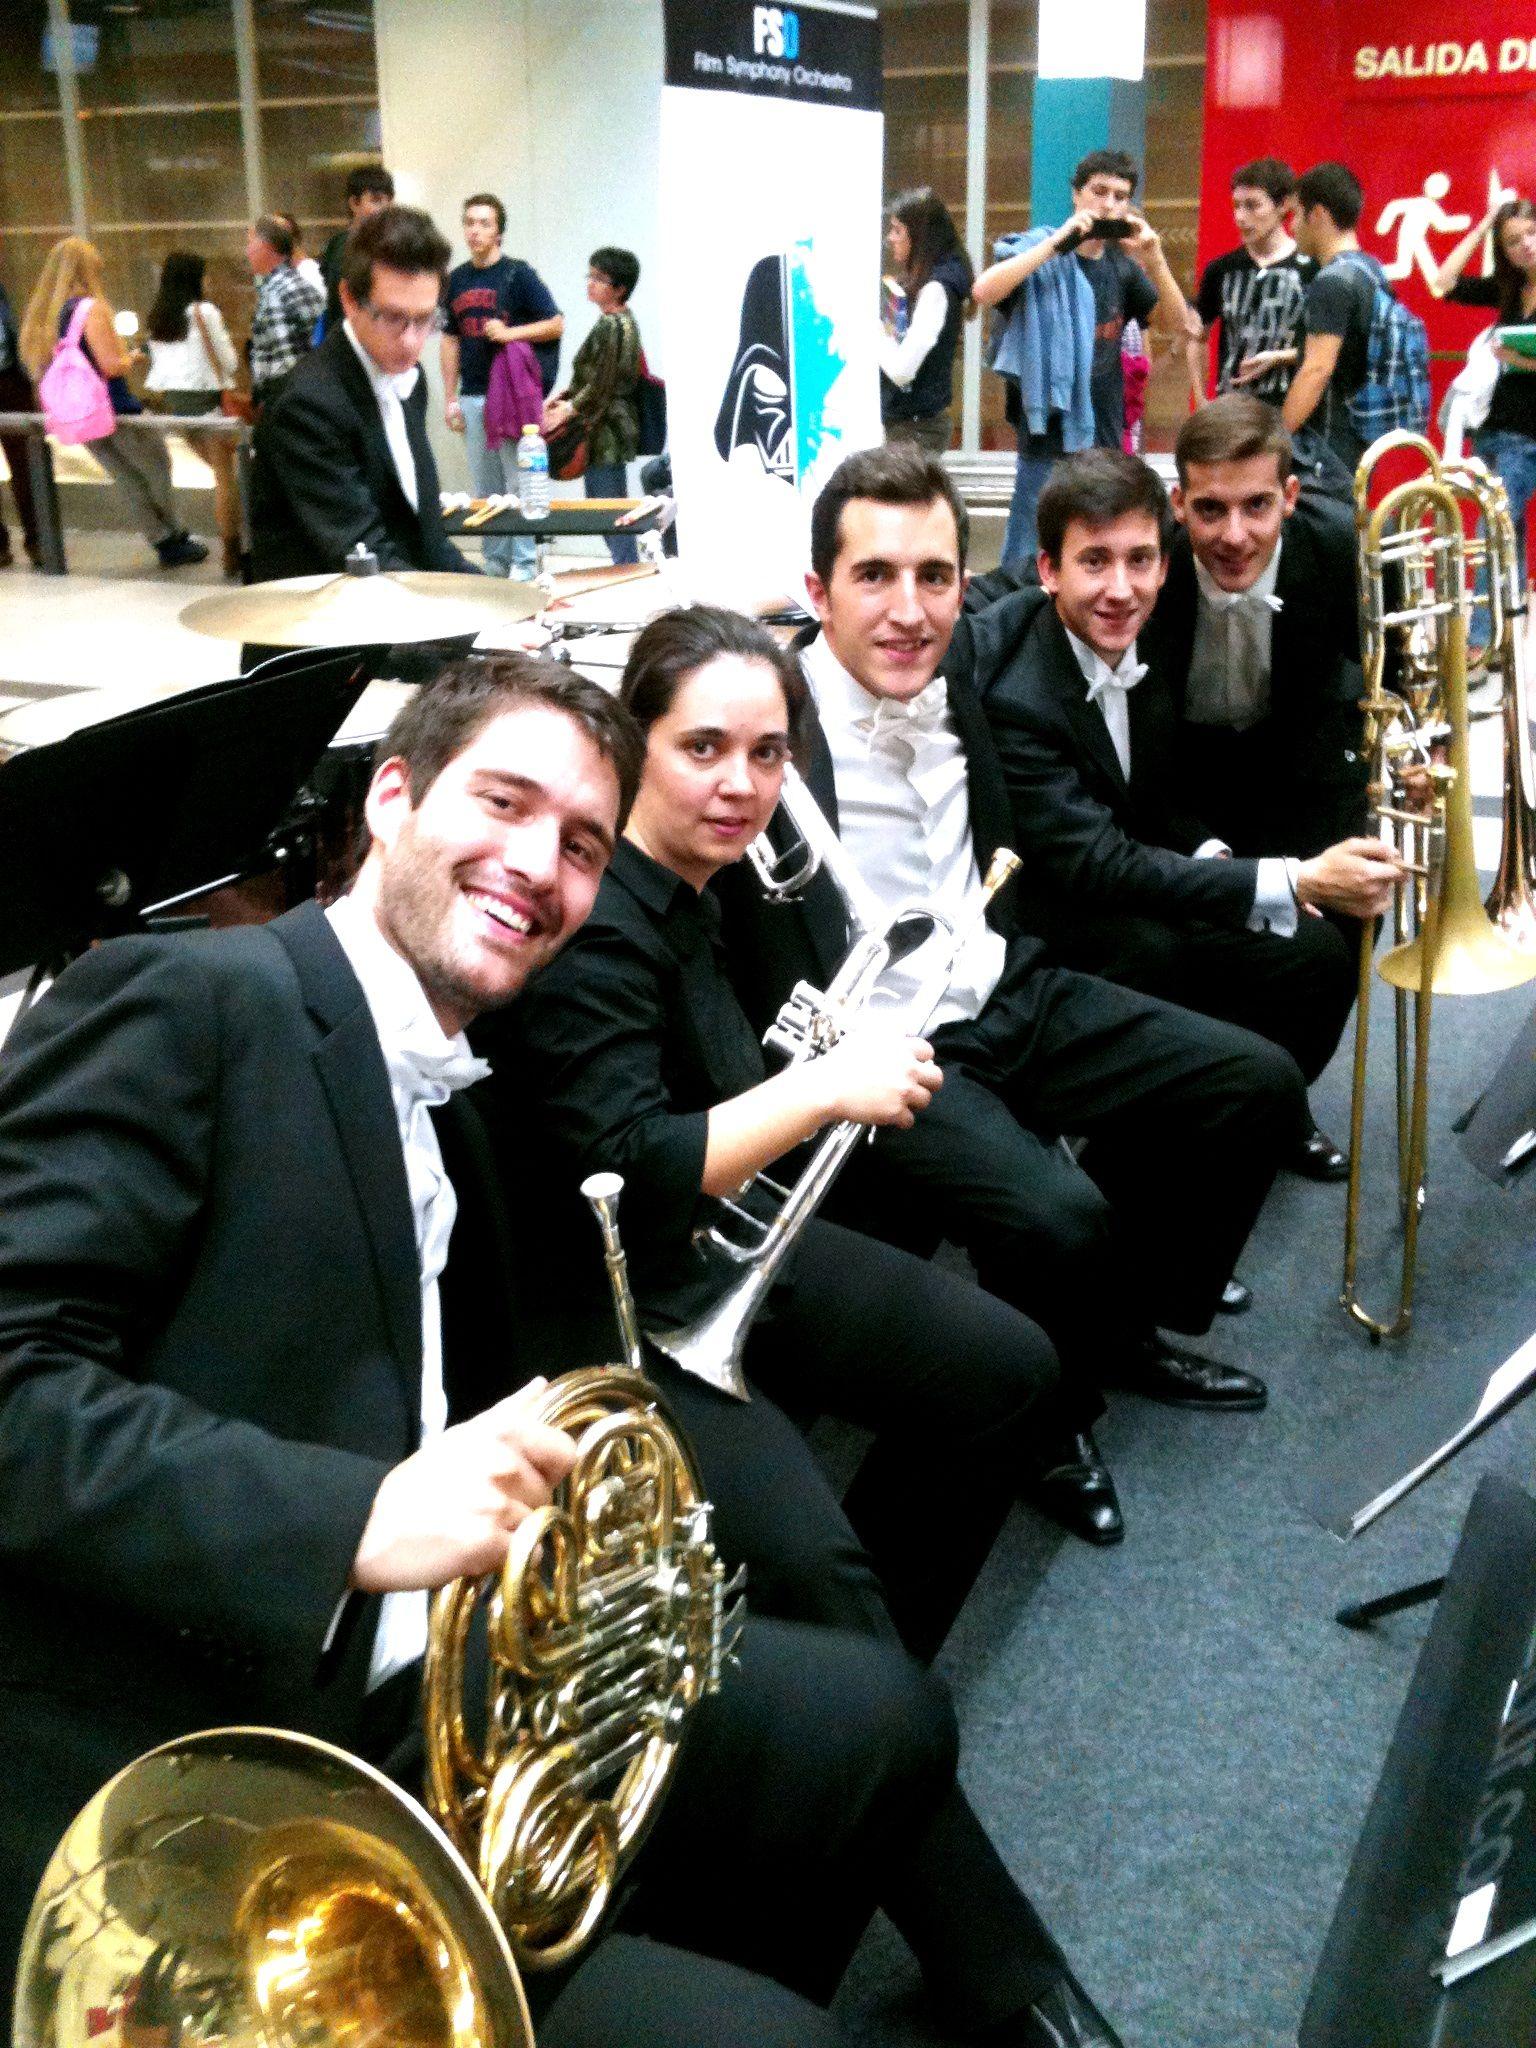 ¡Qué banda más maja tenemos! #fsorchestra #trompetas #trompetistas #viento #instrumentos #madrid #moncloa